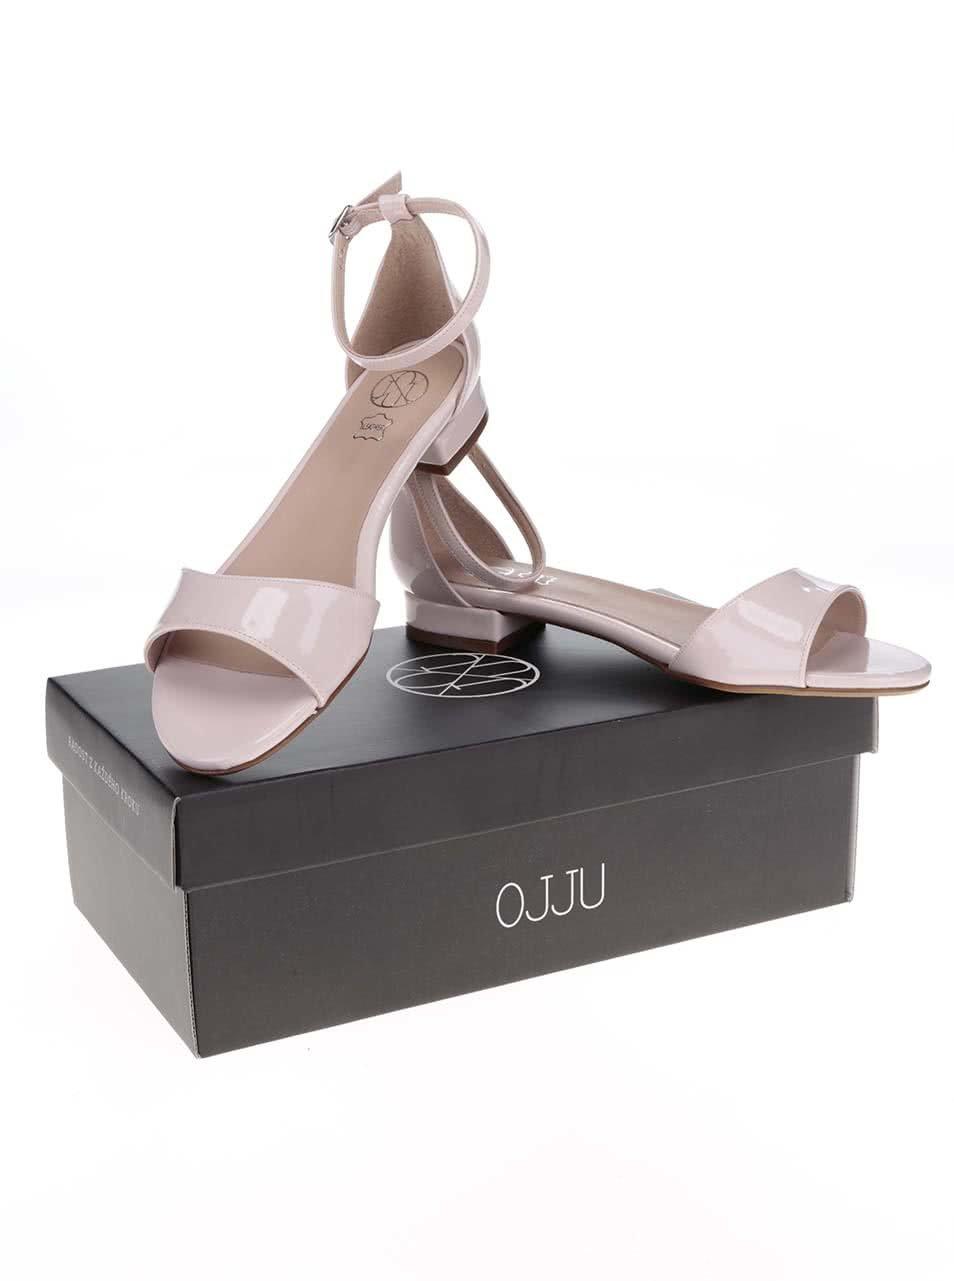 76d3a3ea044 Světle růžové lakované sandálky OJJU ...